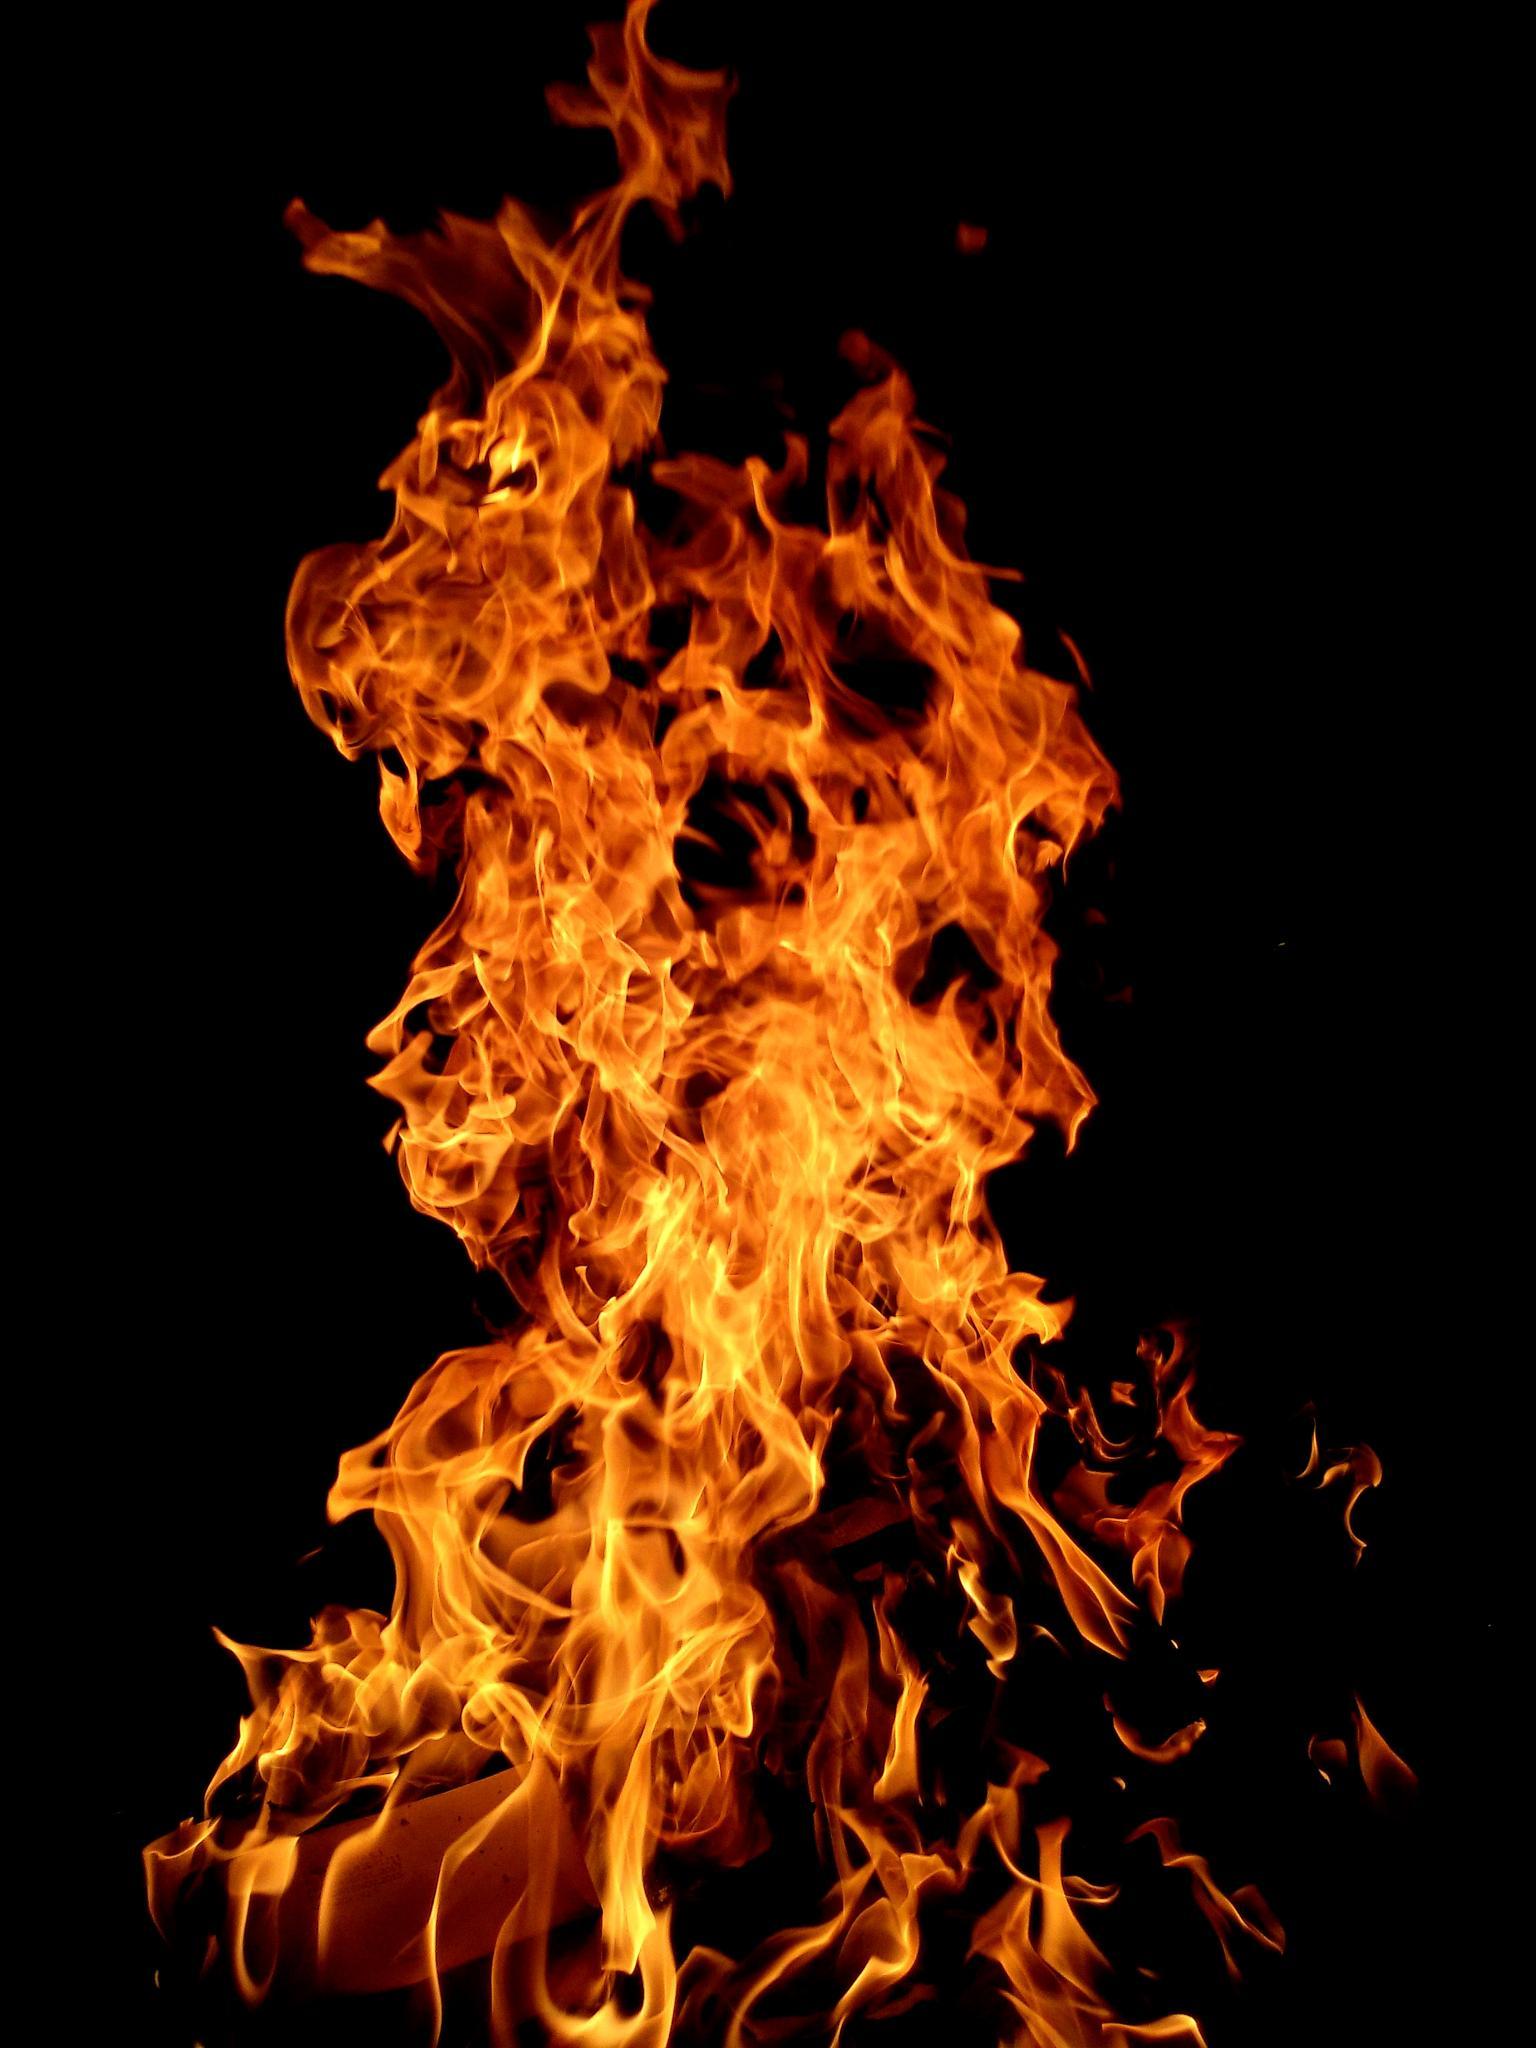 Fire by Manab Das